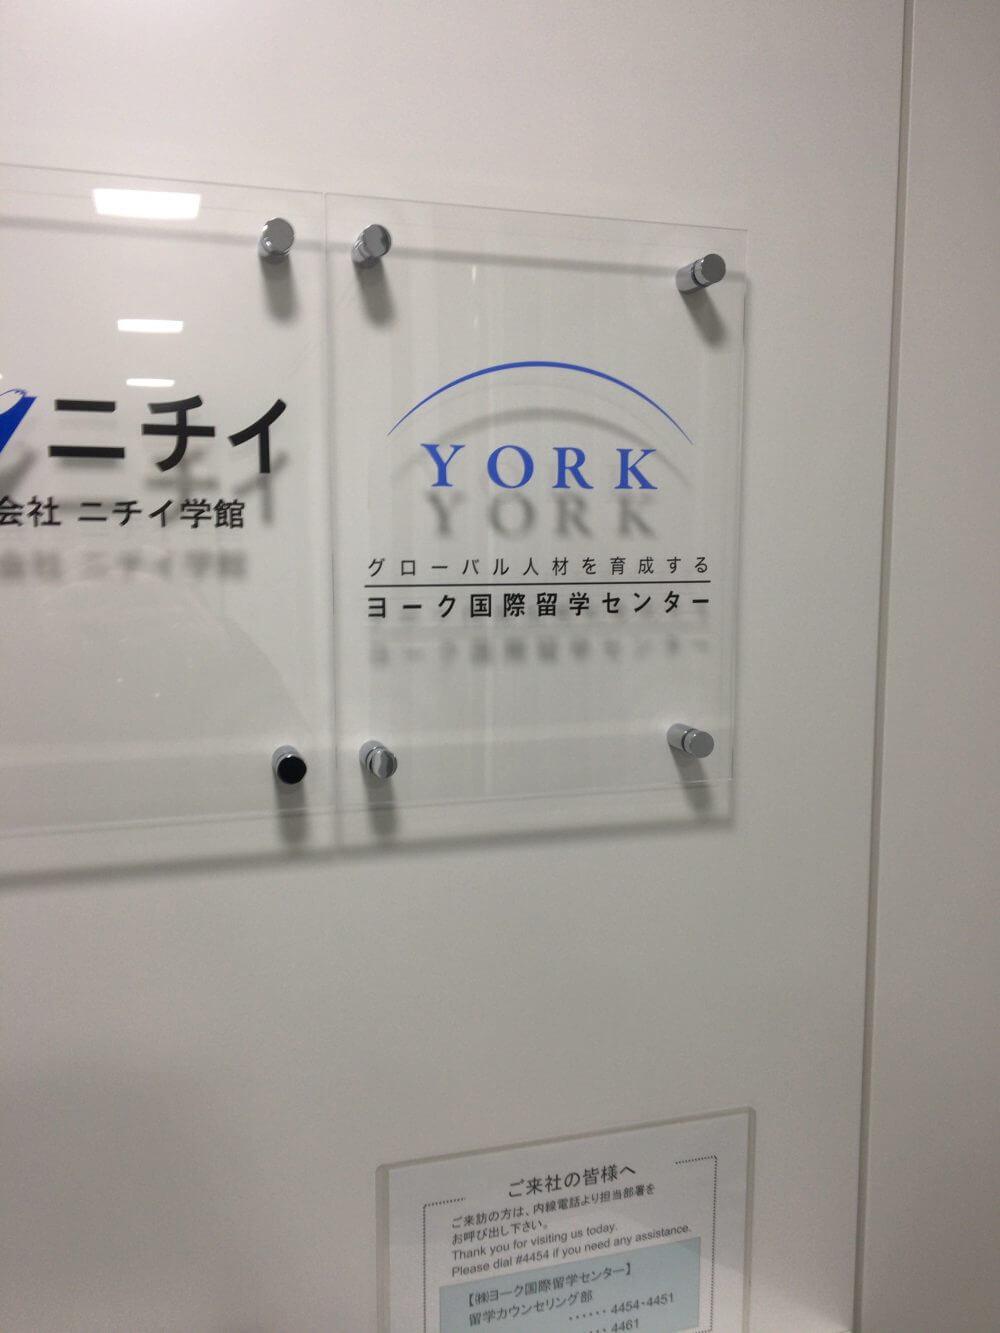 ヨーク国際留学センター4階